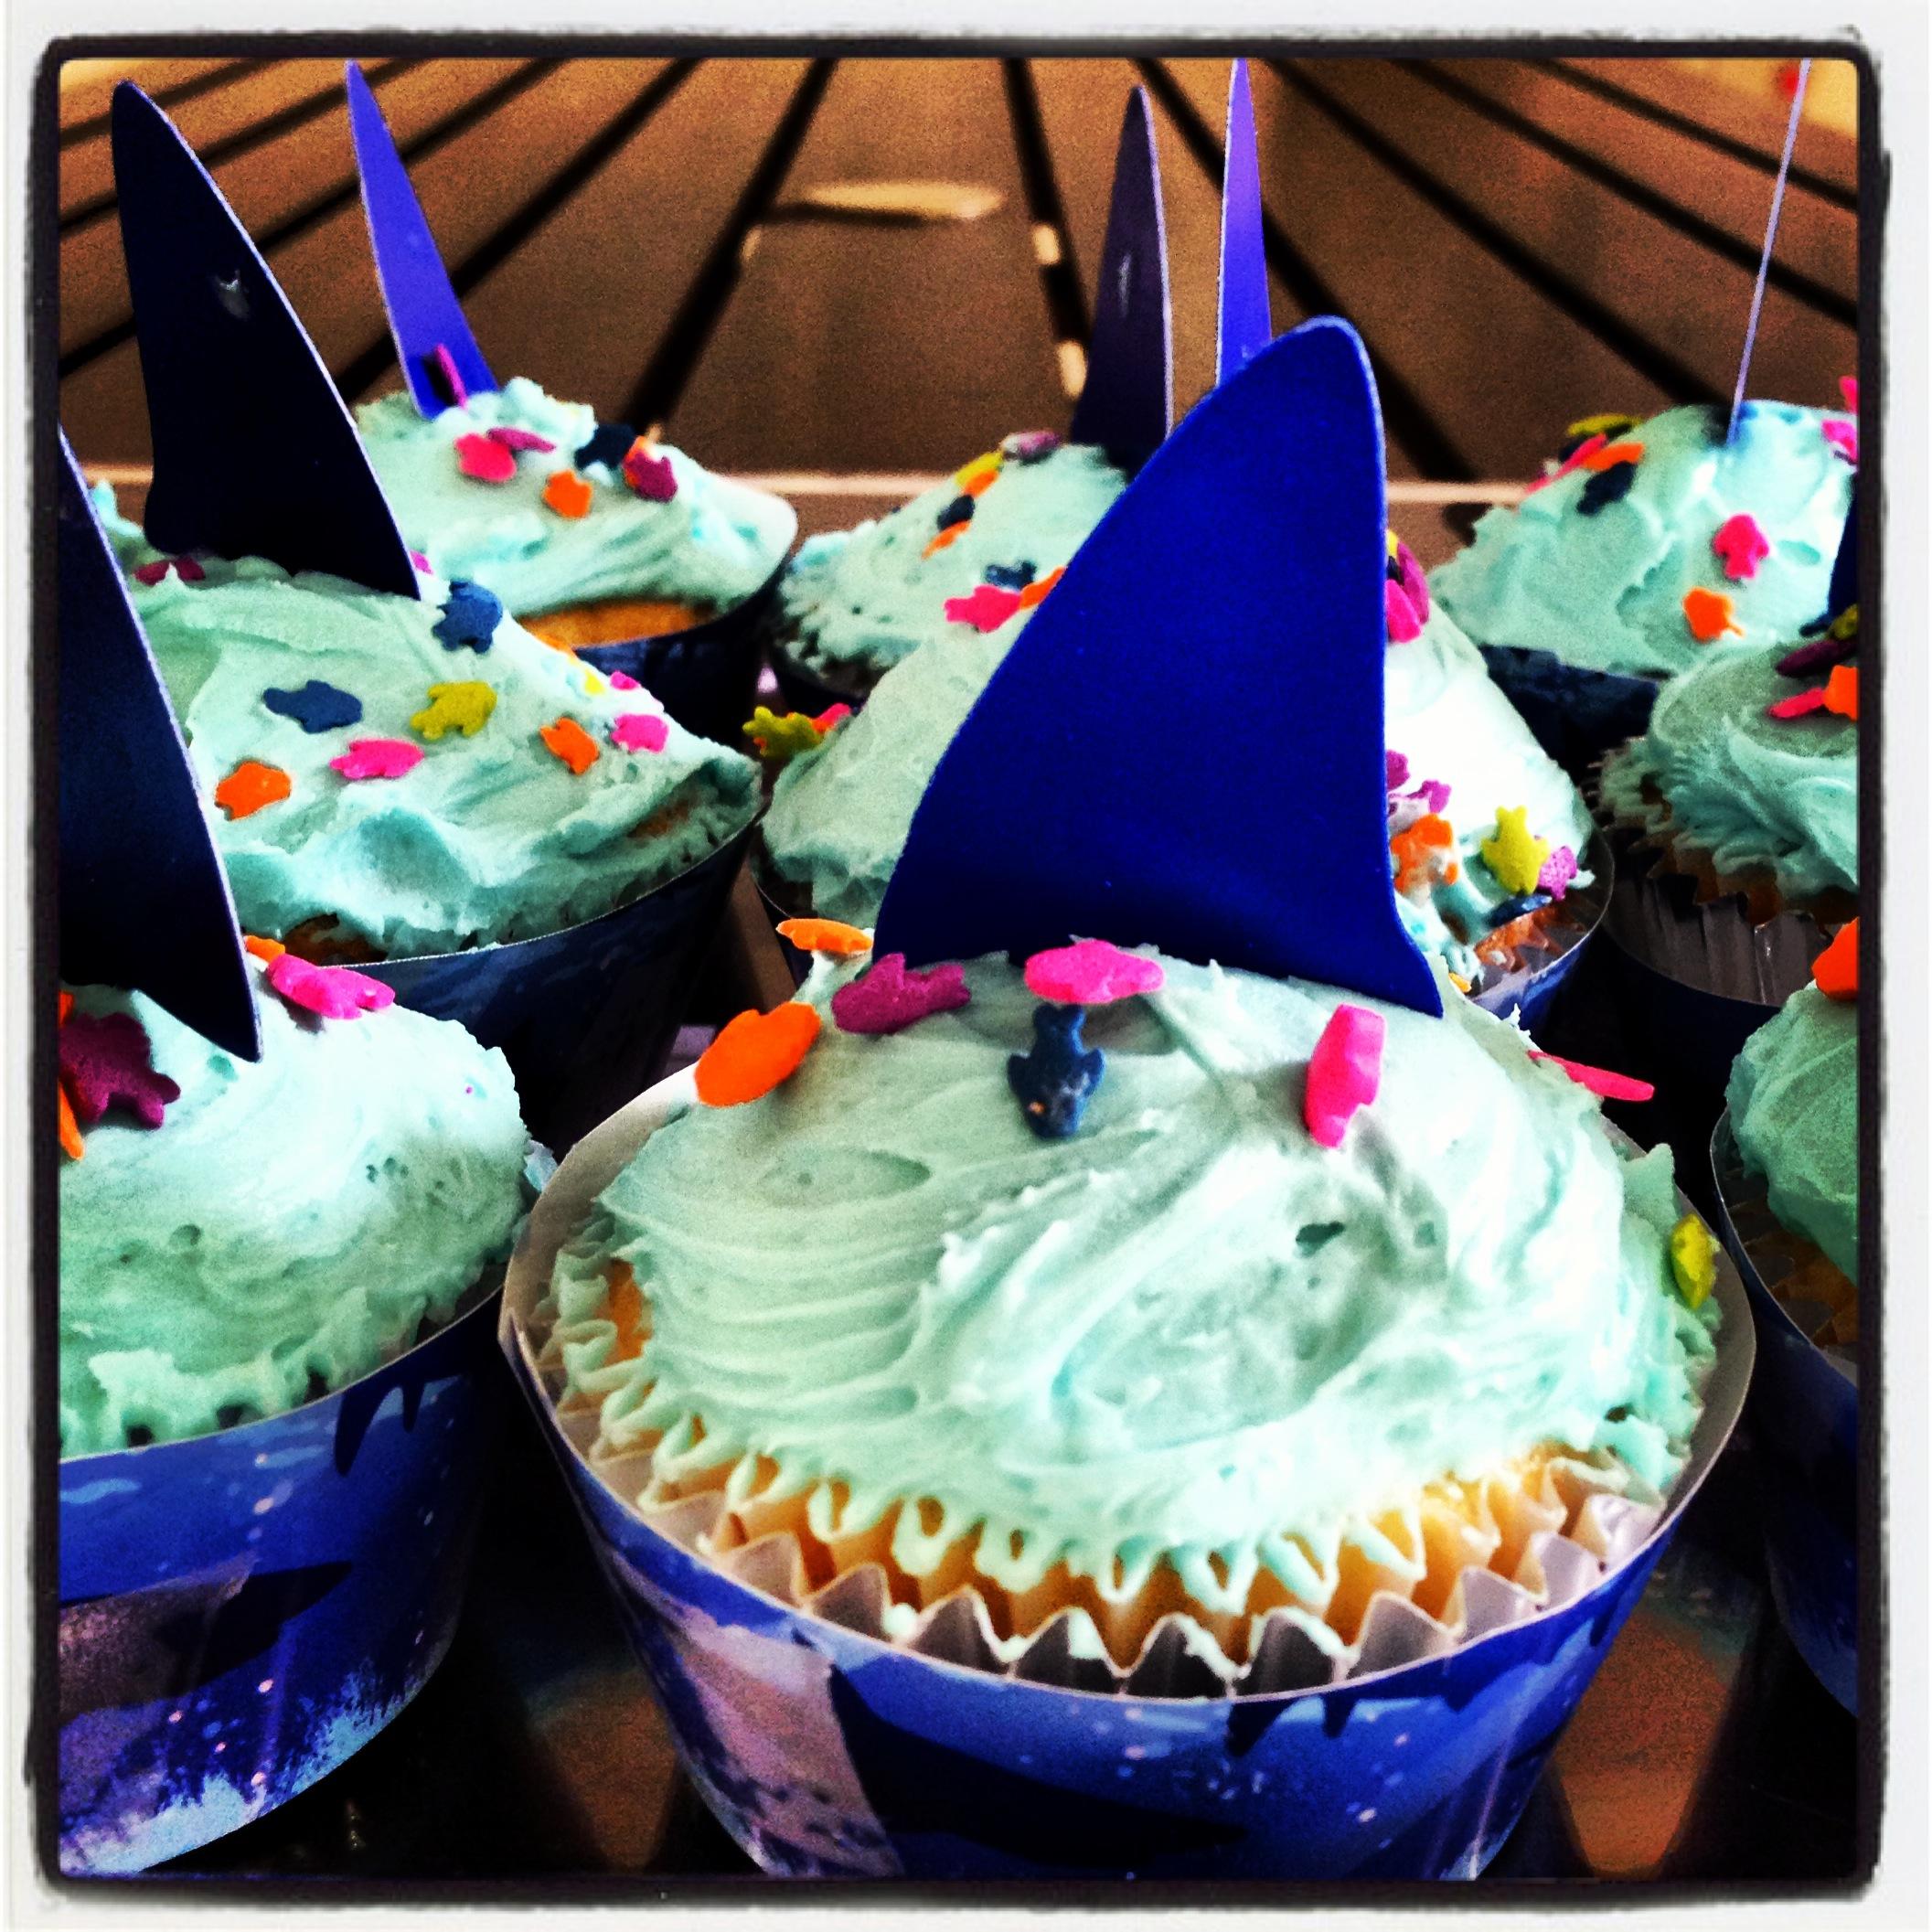 ¡Tiburón a la vista! / Buttercream cupcakes